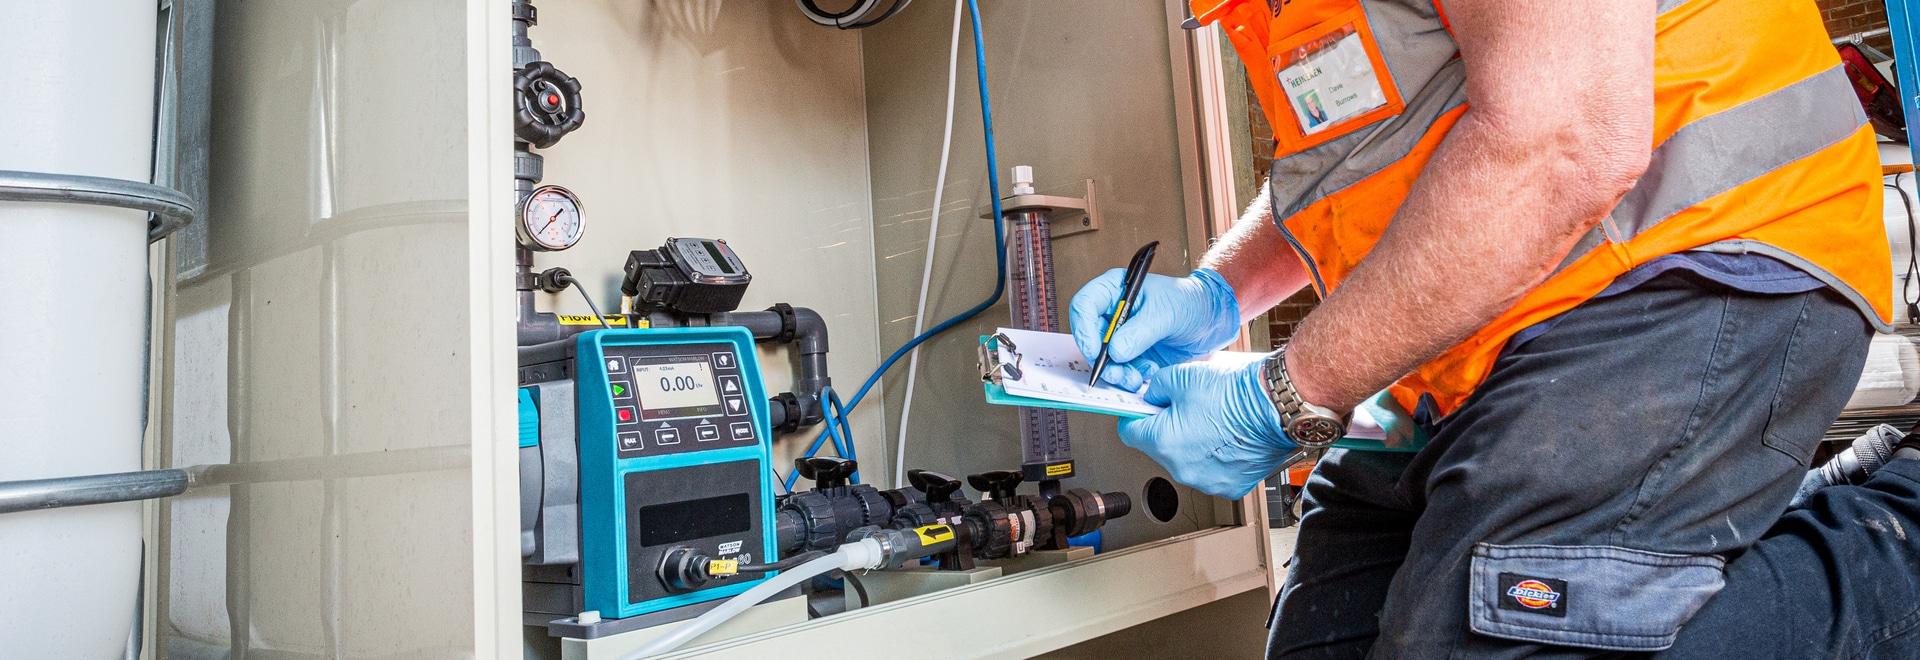 La nuova tecnologia delle teste ReNu offre un flusso accurato e ripetibile per il dosaggio dei polimeri